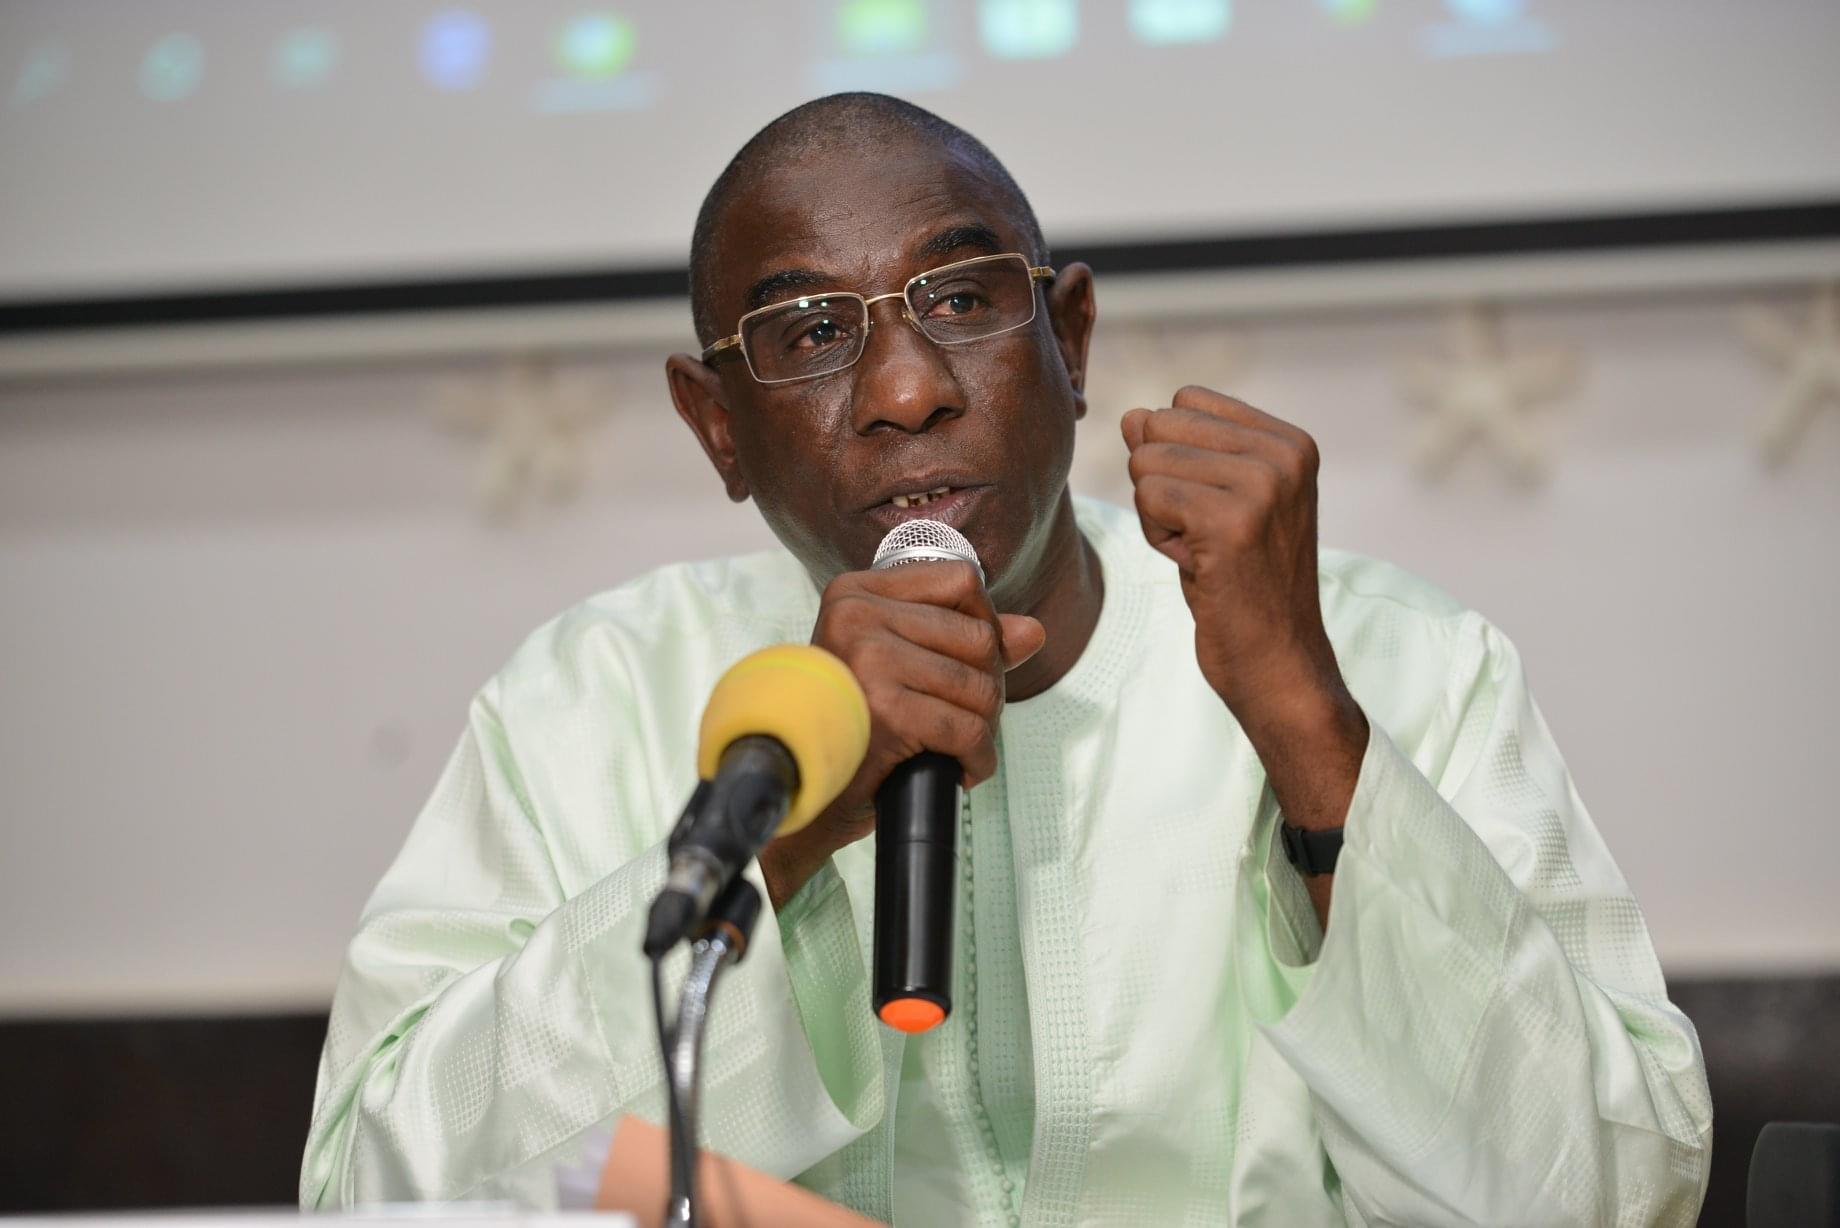 Supposées stratégies de reprise des activités scolaires : Le ministère de l'Education Nationale dément et précise...